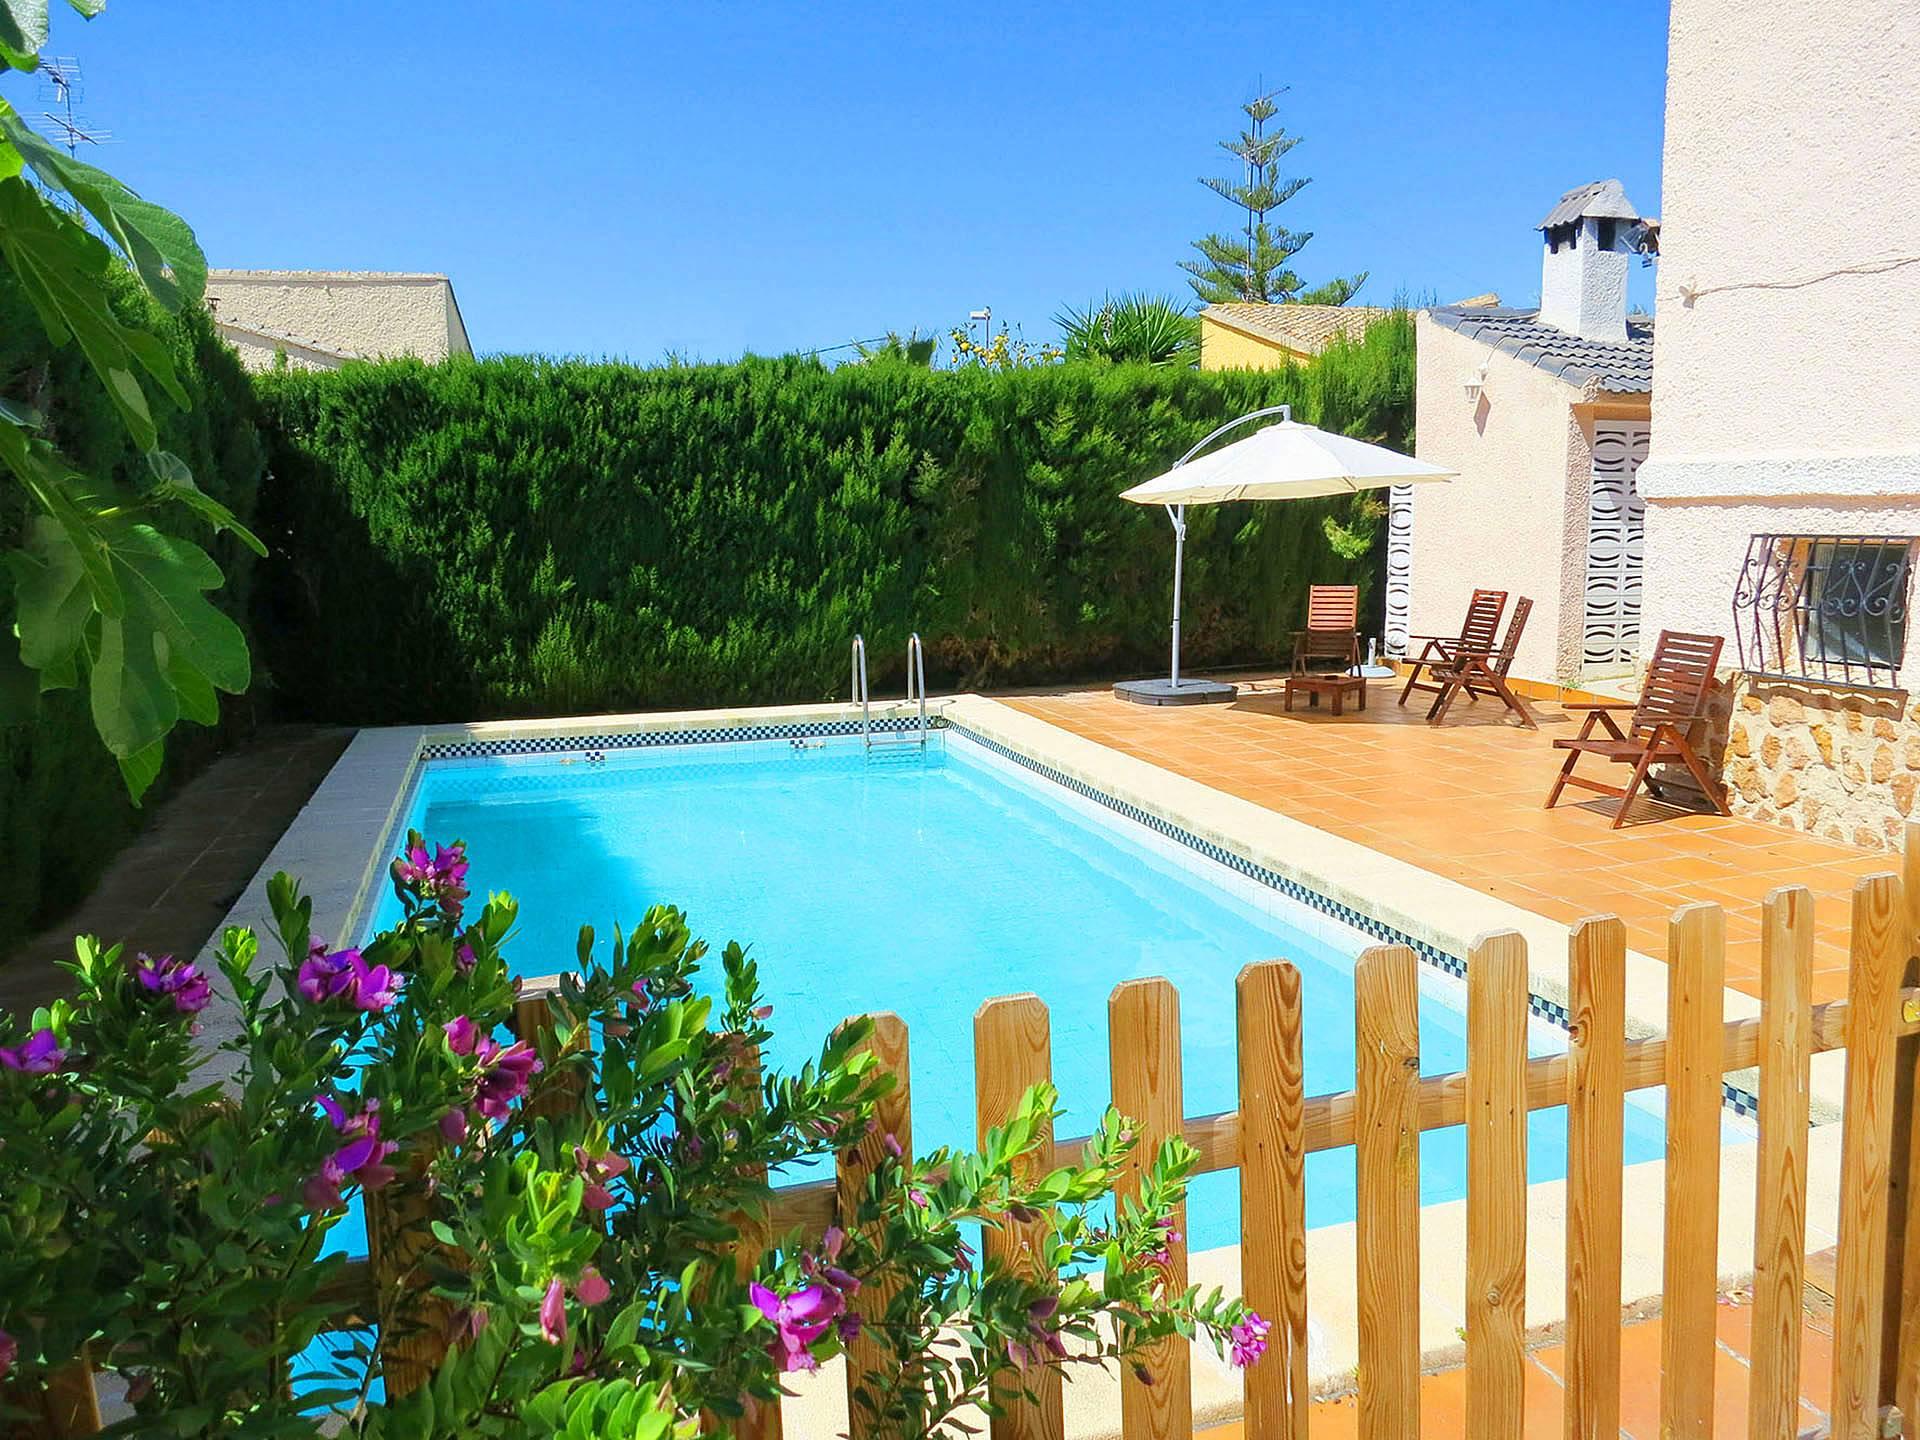 Encantadora villa con piscina y jard n l 39 eliana valencia for Piscina jardin valencia